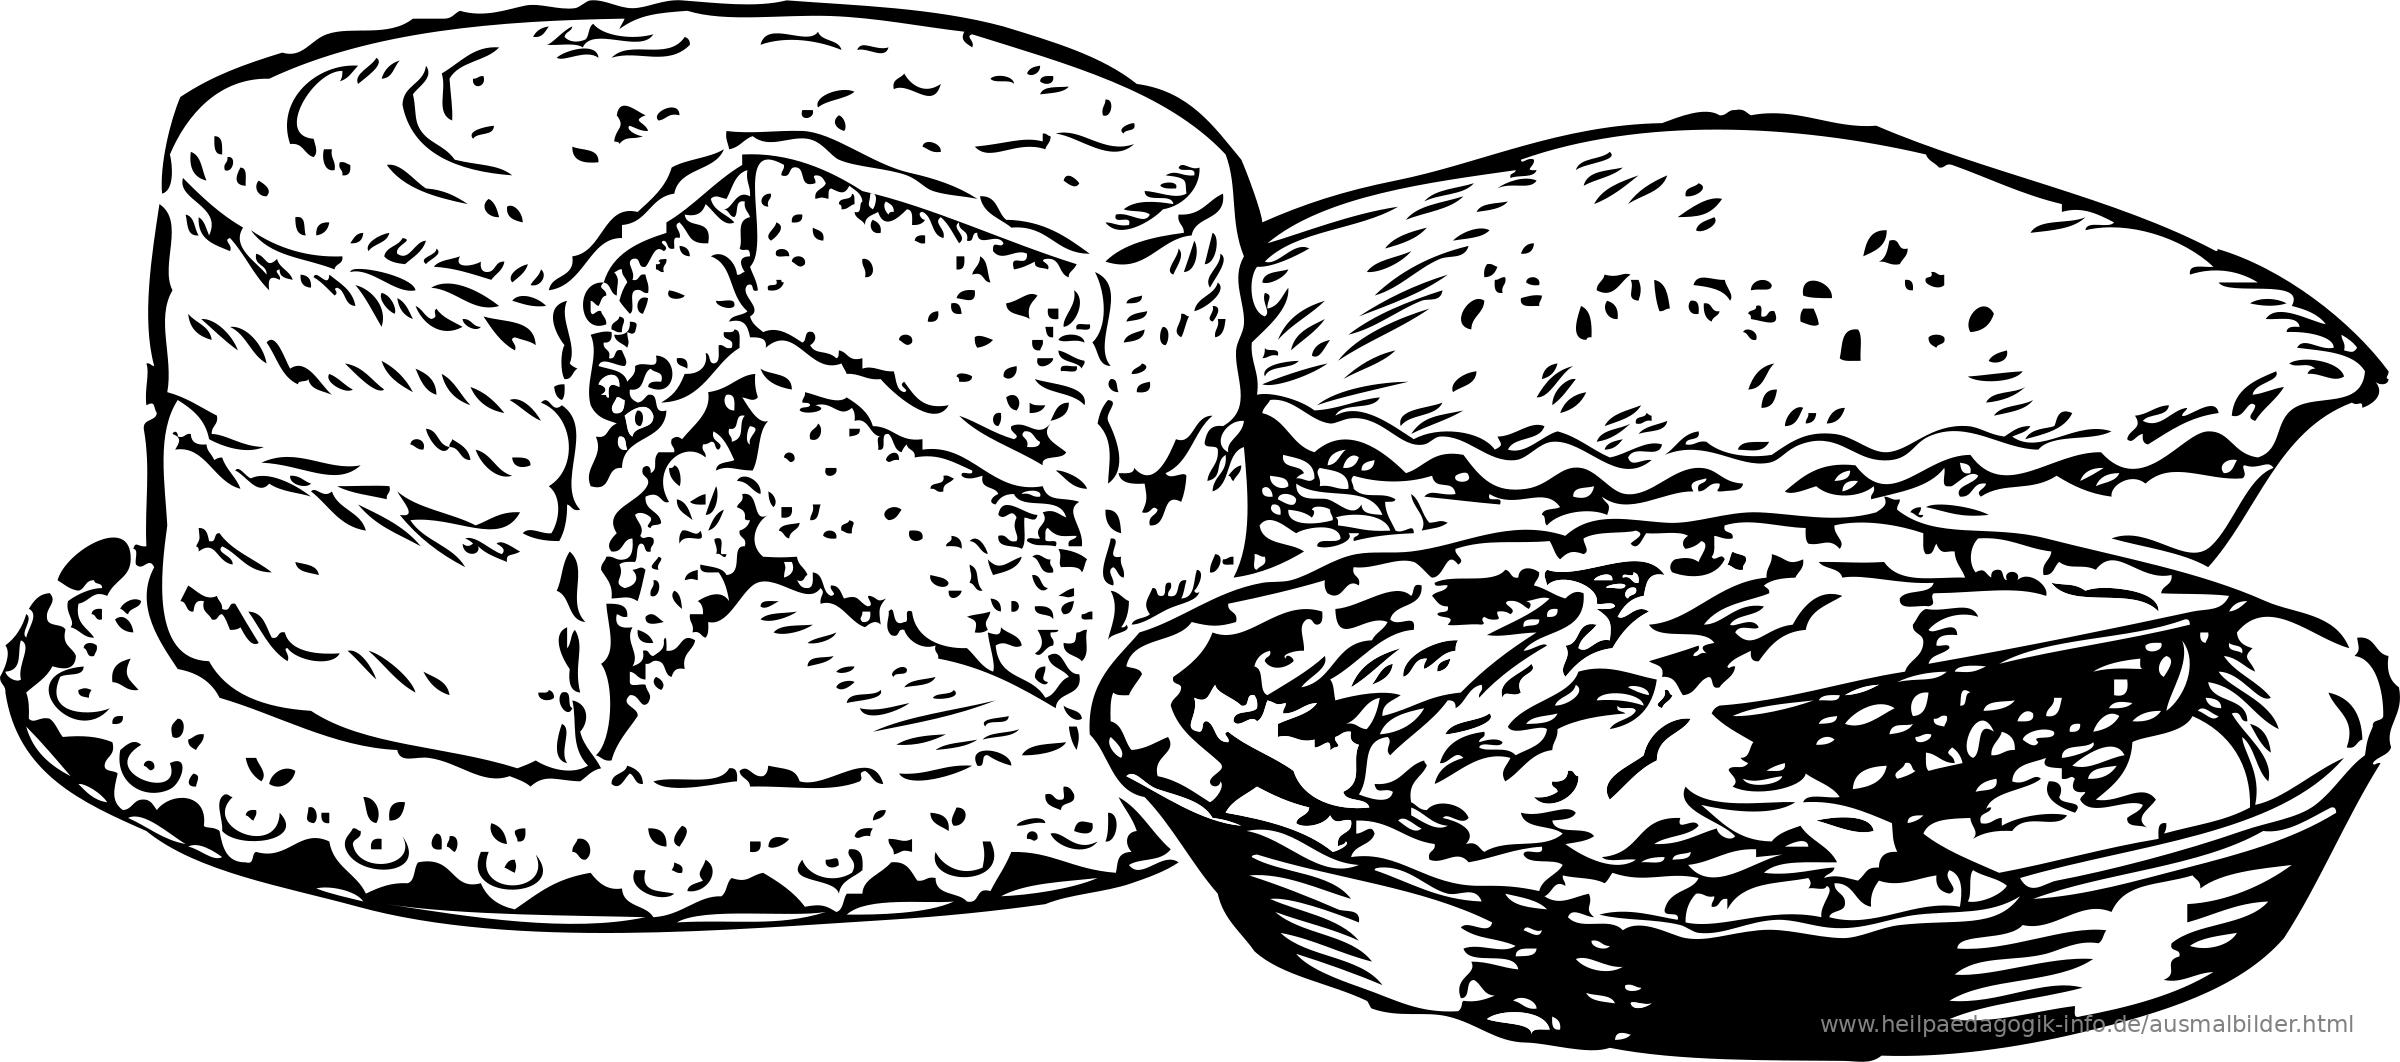 Großzügig Kuchen Ausmalbilder Bilder - Entry Level Resume Vorlagen ...